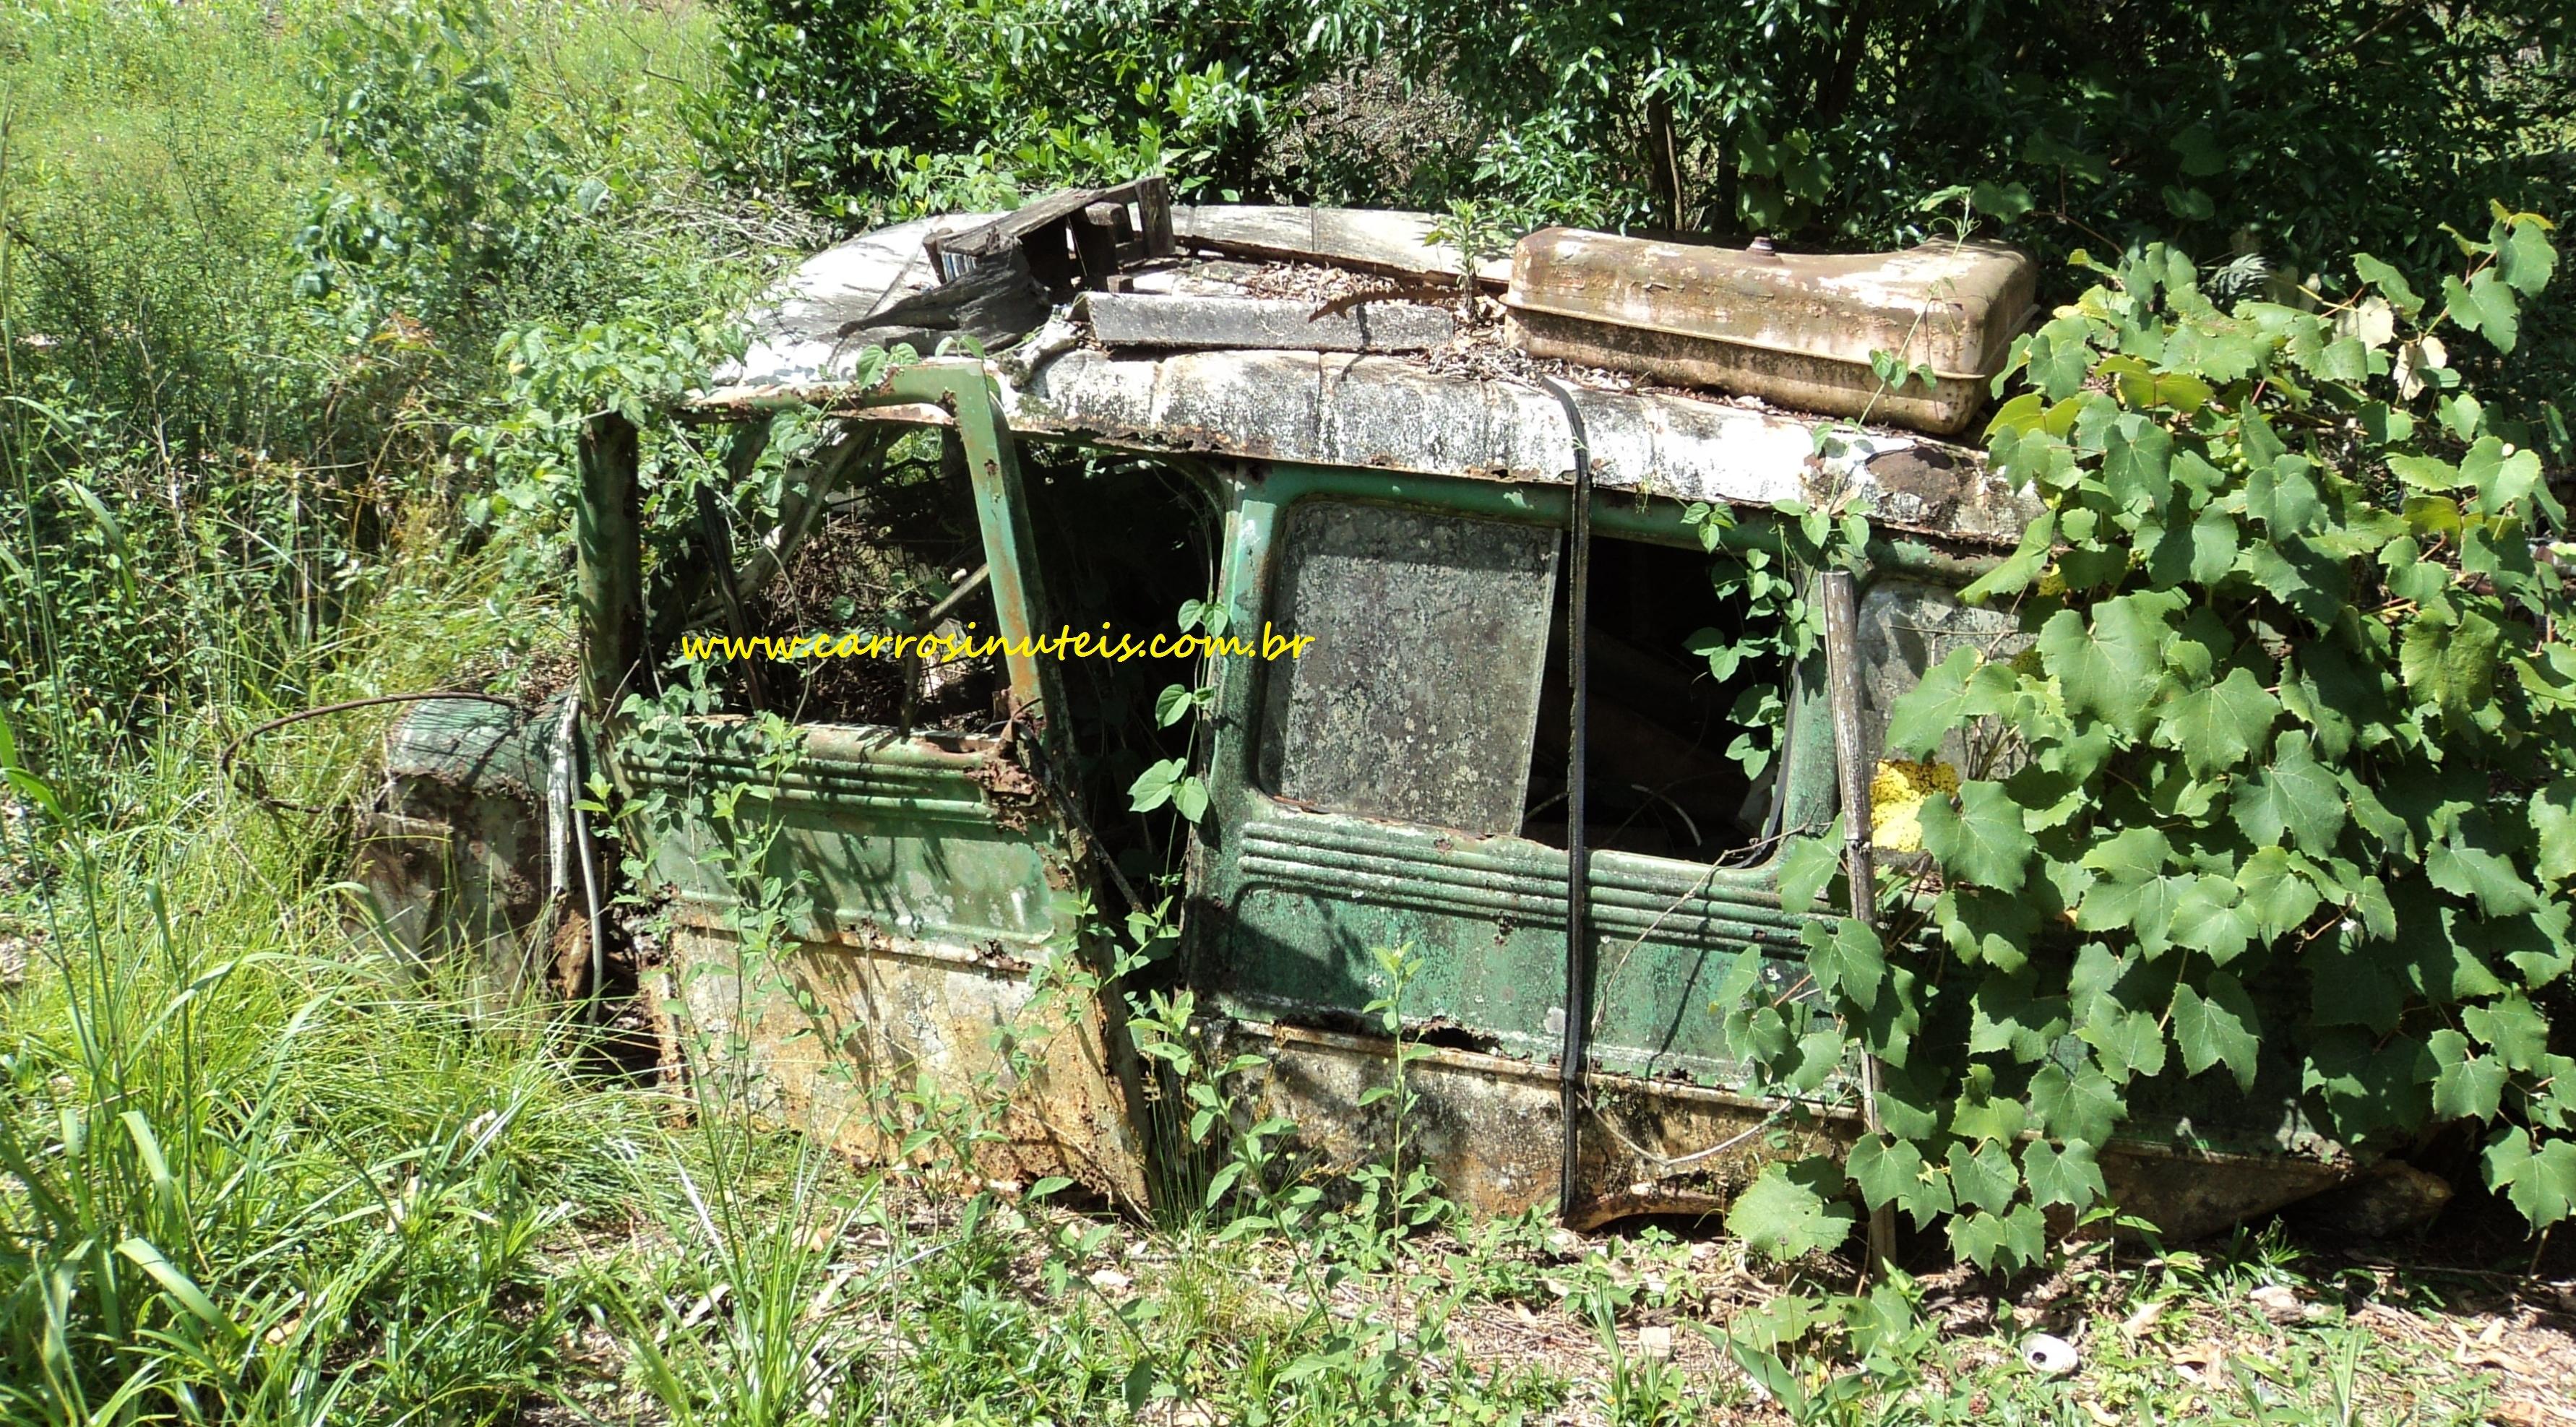 Vergara-Pelotas-Rural Rural Willys, foto feita por Vergara, Pelotas, no RS